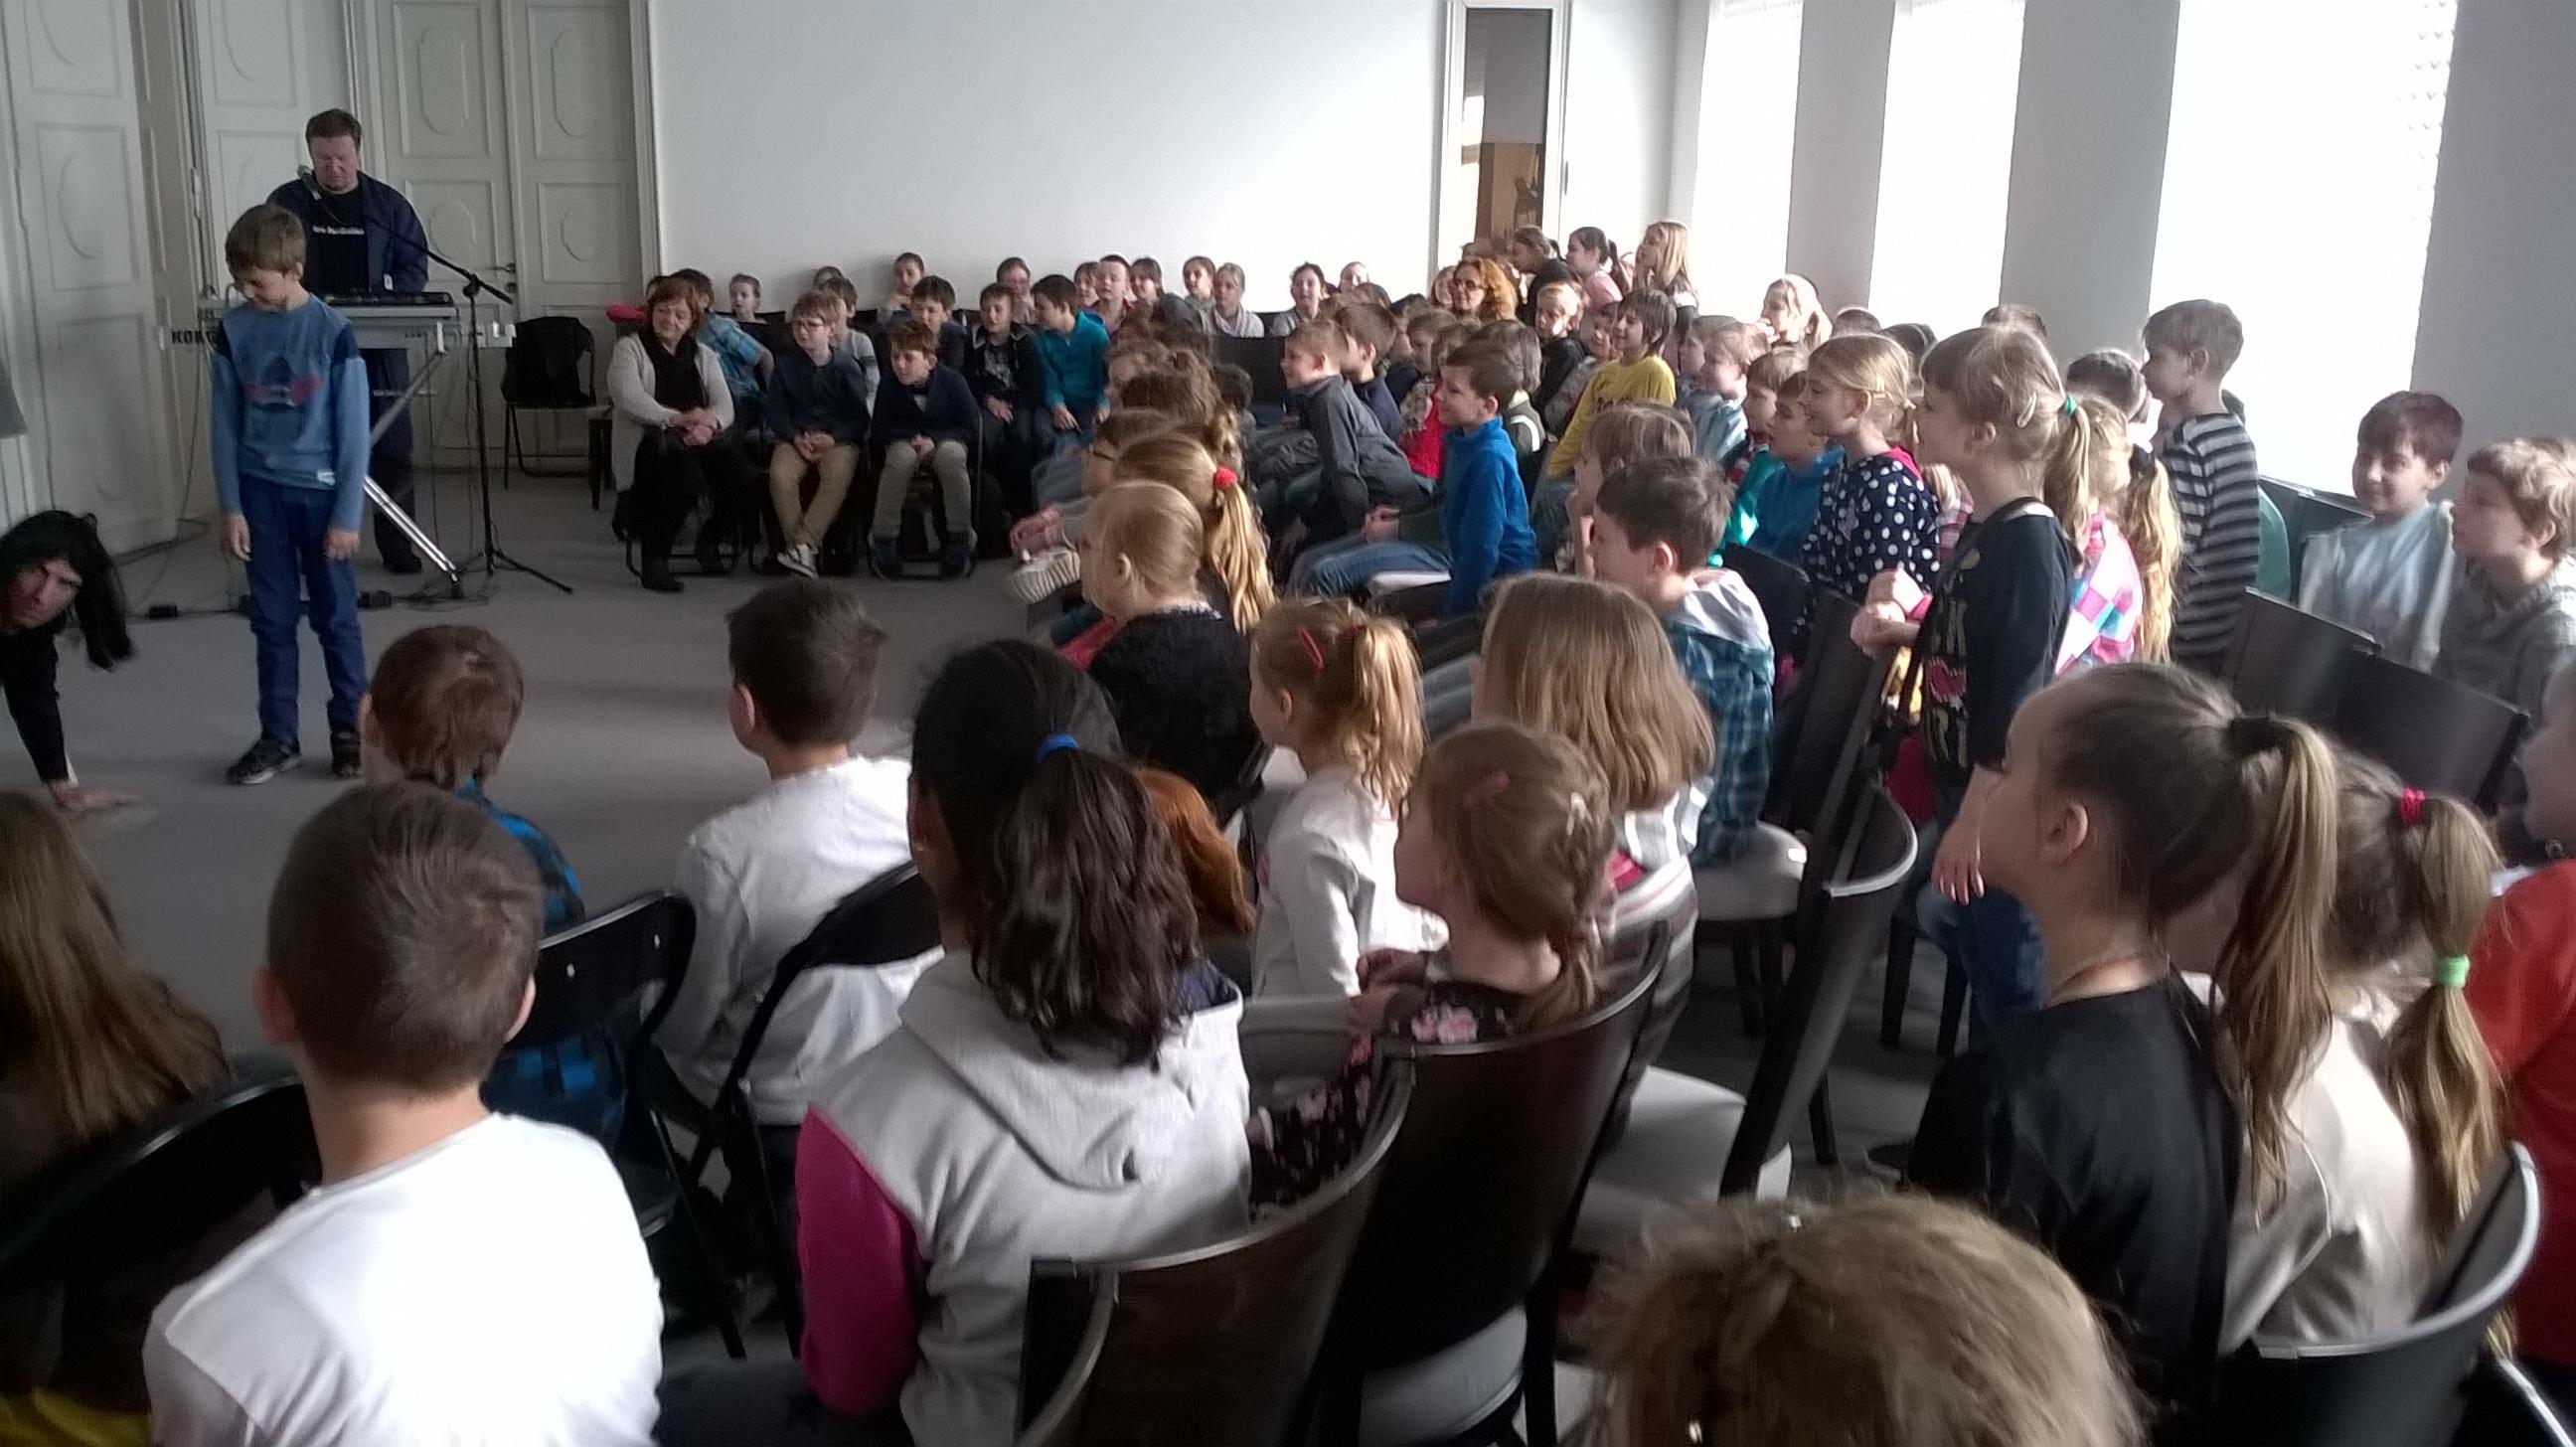 Výchovný koncert v Zichyho paláci